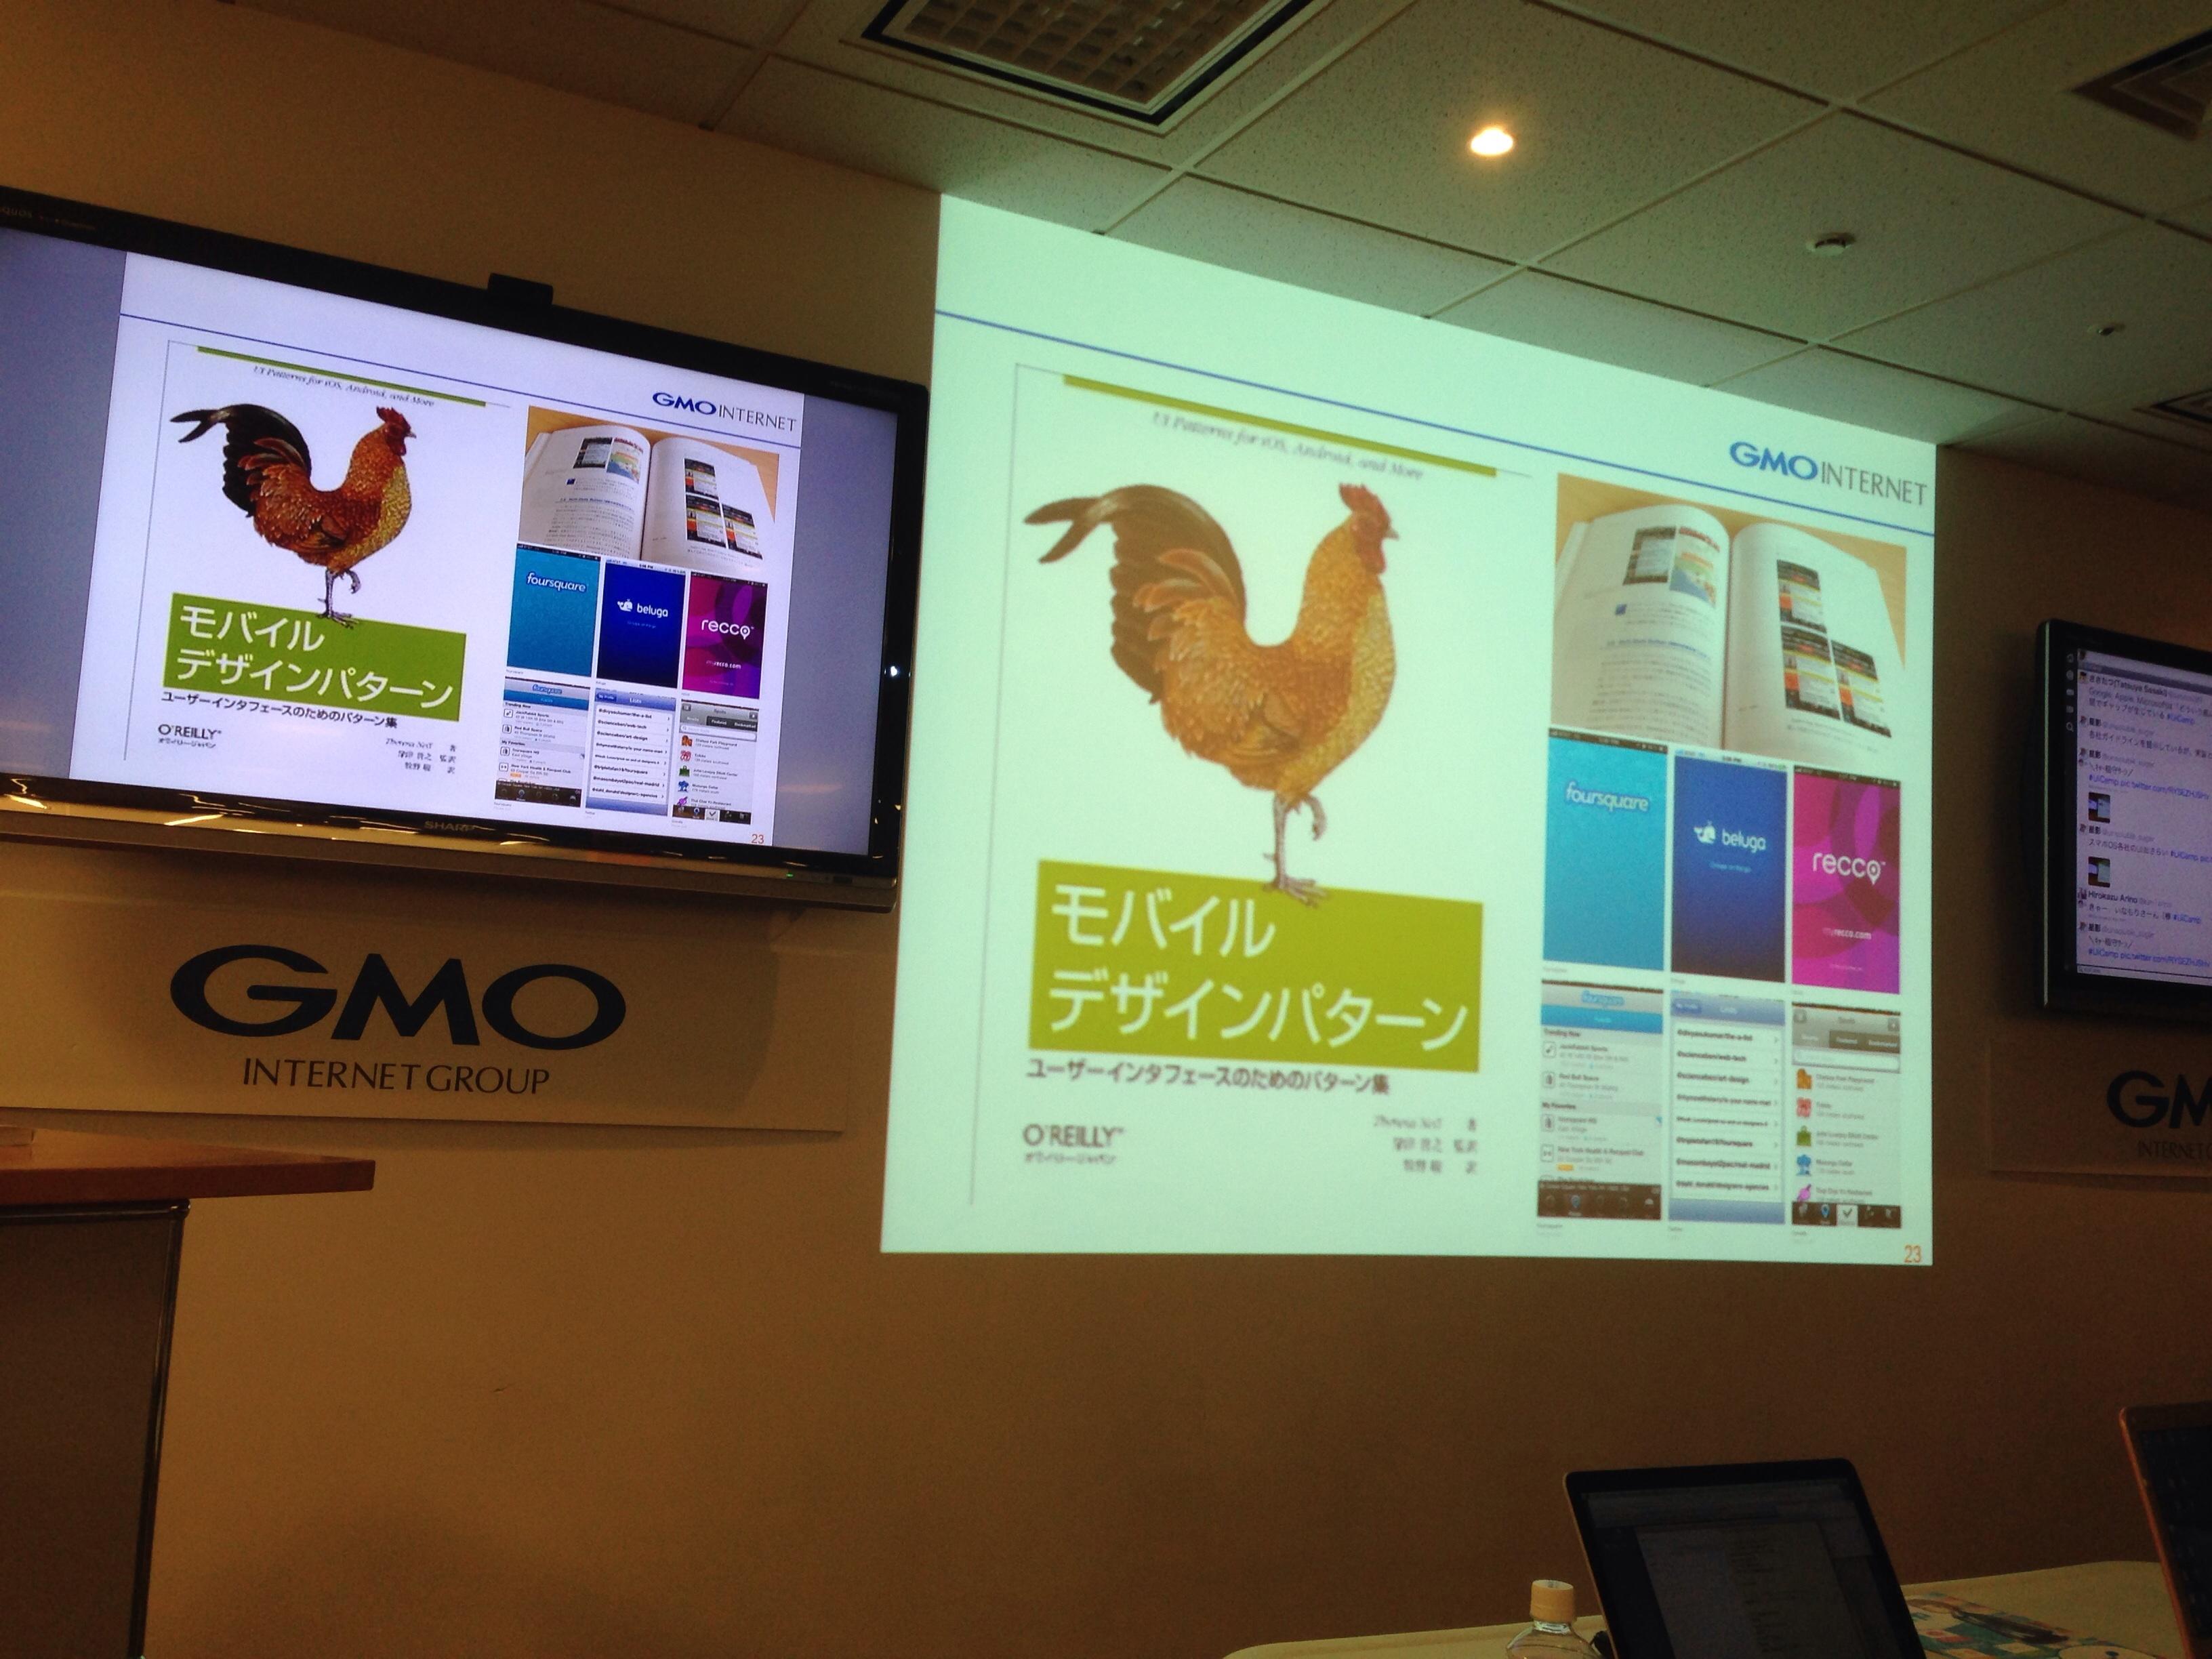 「スマホUI勉強会 -実装×UI/UX×ガイドライン-」に参加しました